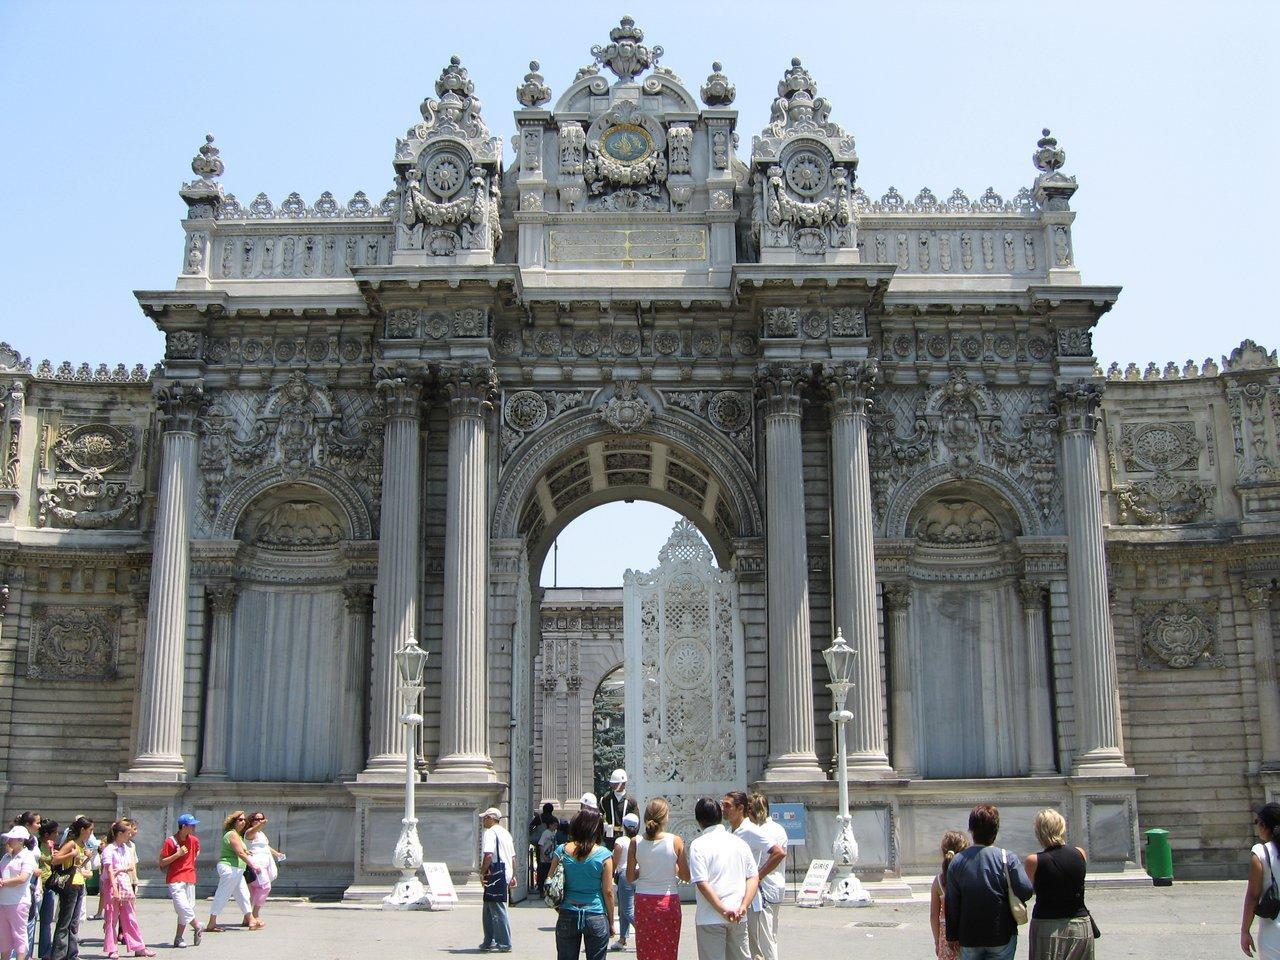 Obilazak Dolmabahče palate